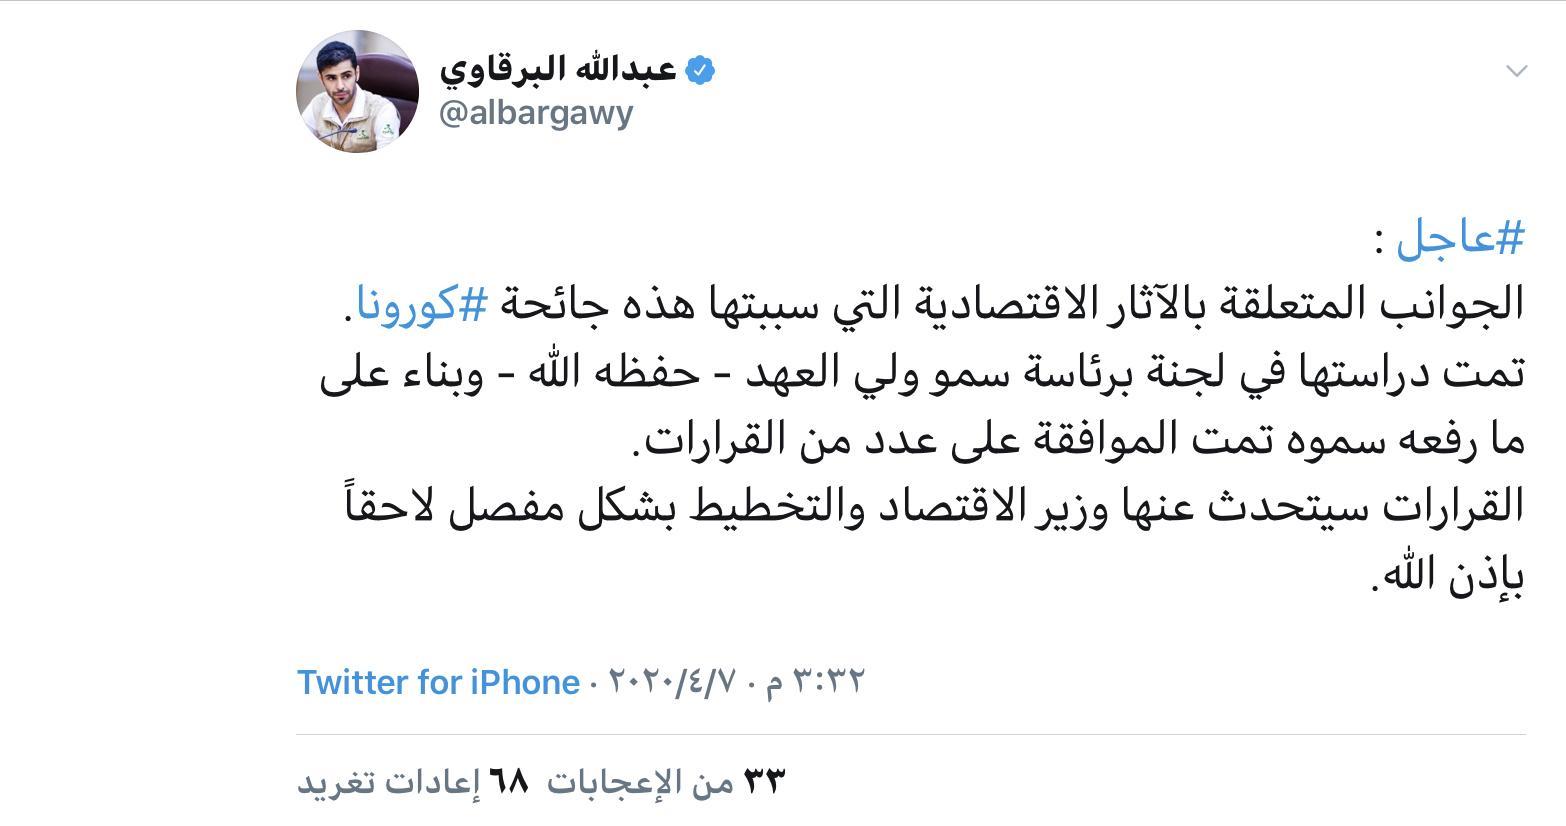 عبدالله البارقي نائب تحرير سبق: عاجل قرارات اقتصادية سوف تصدر....توقعاتكم؟